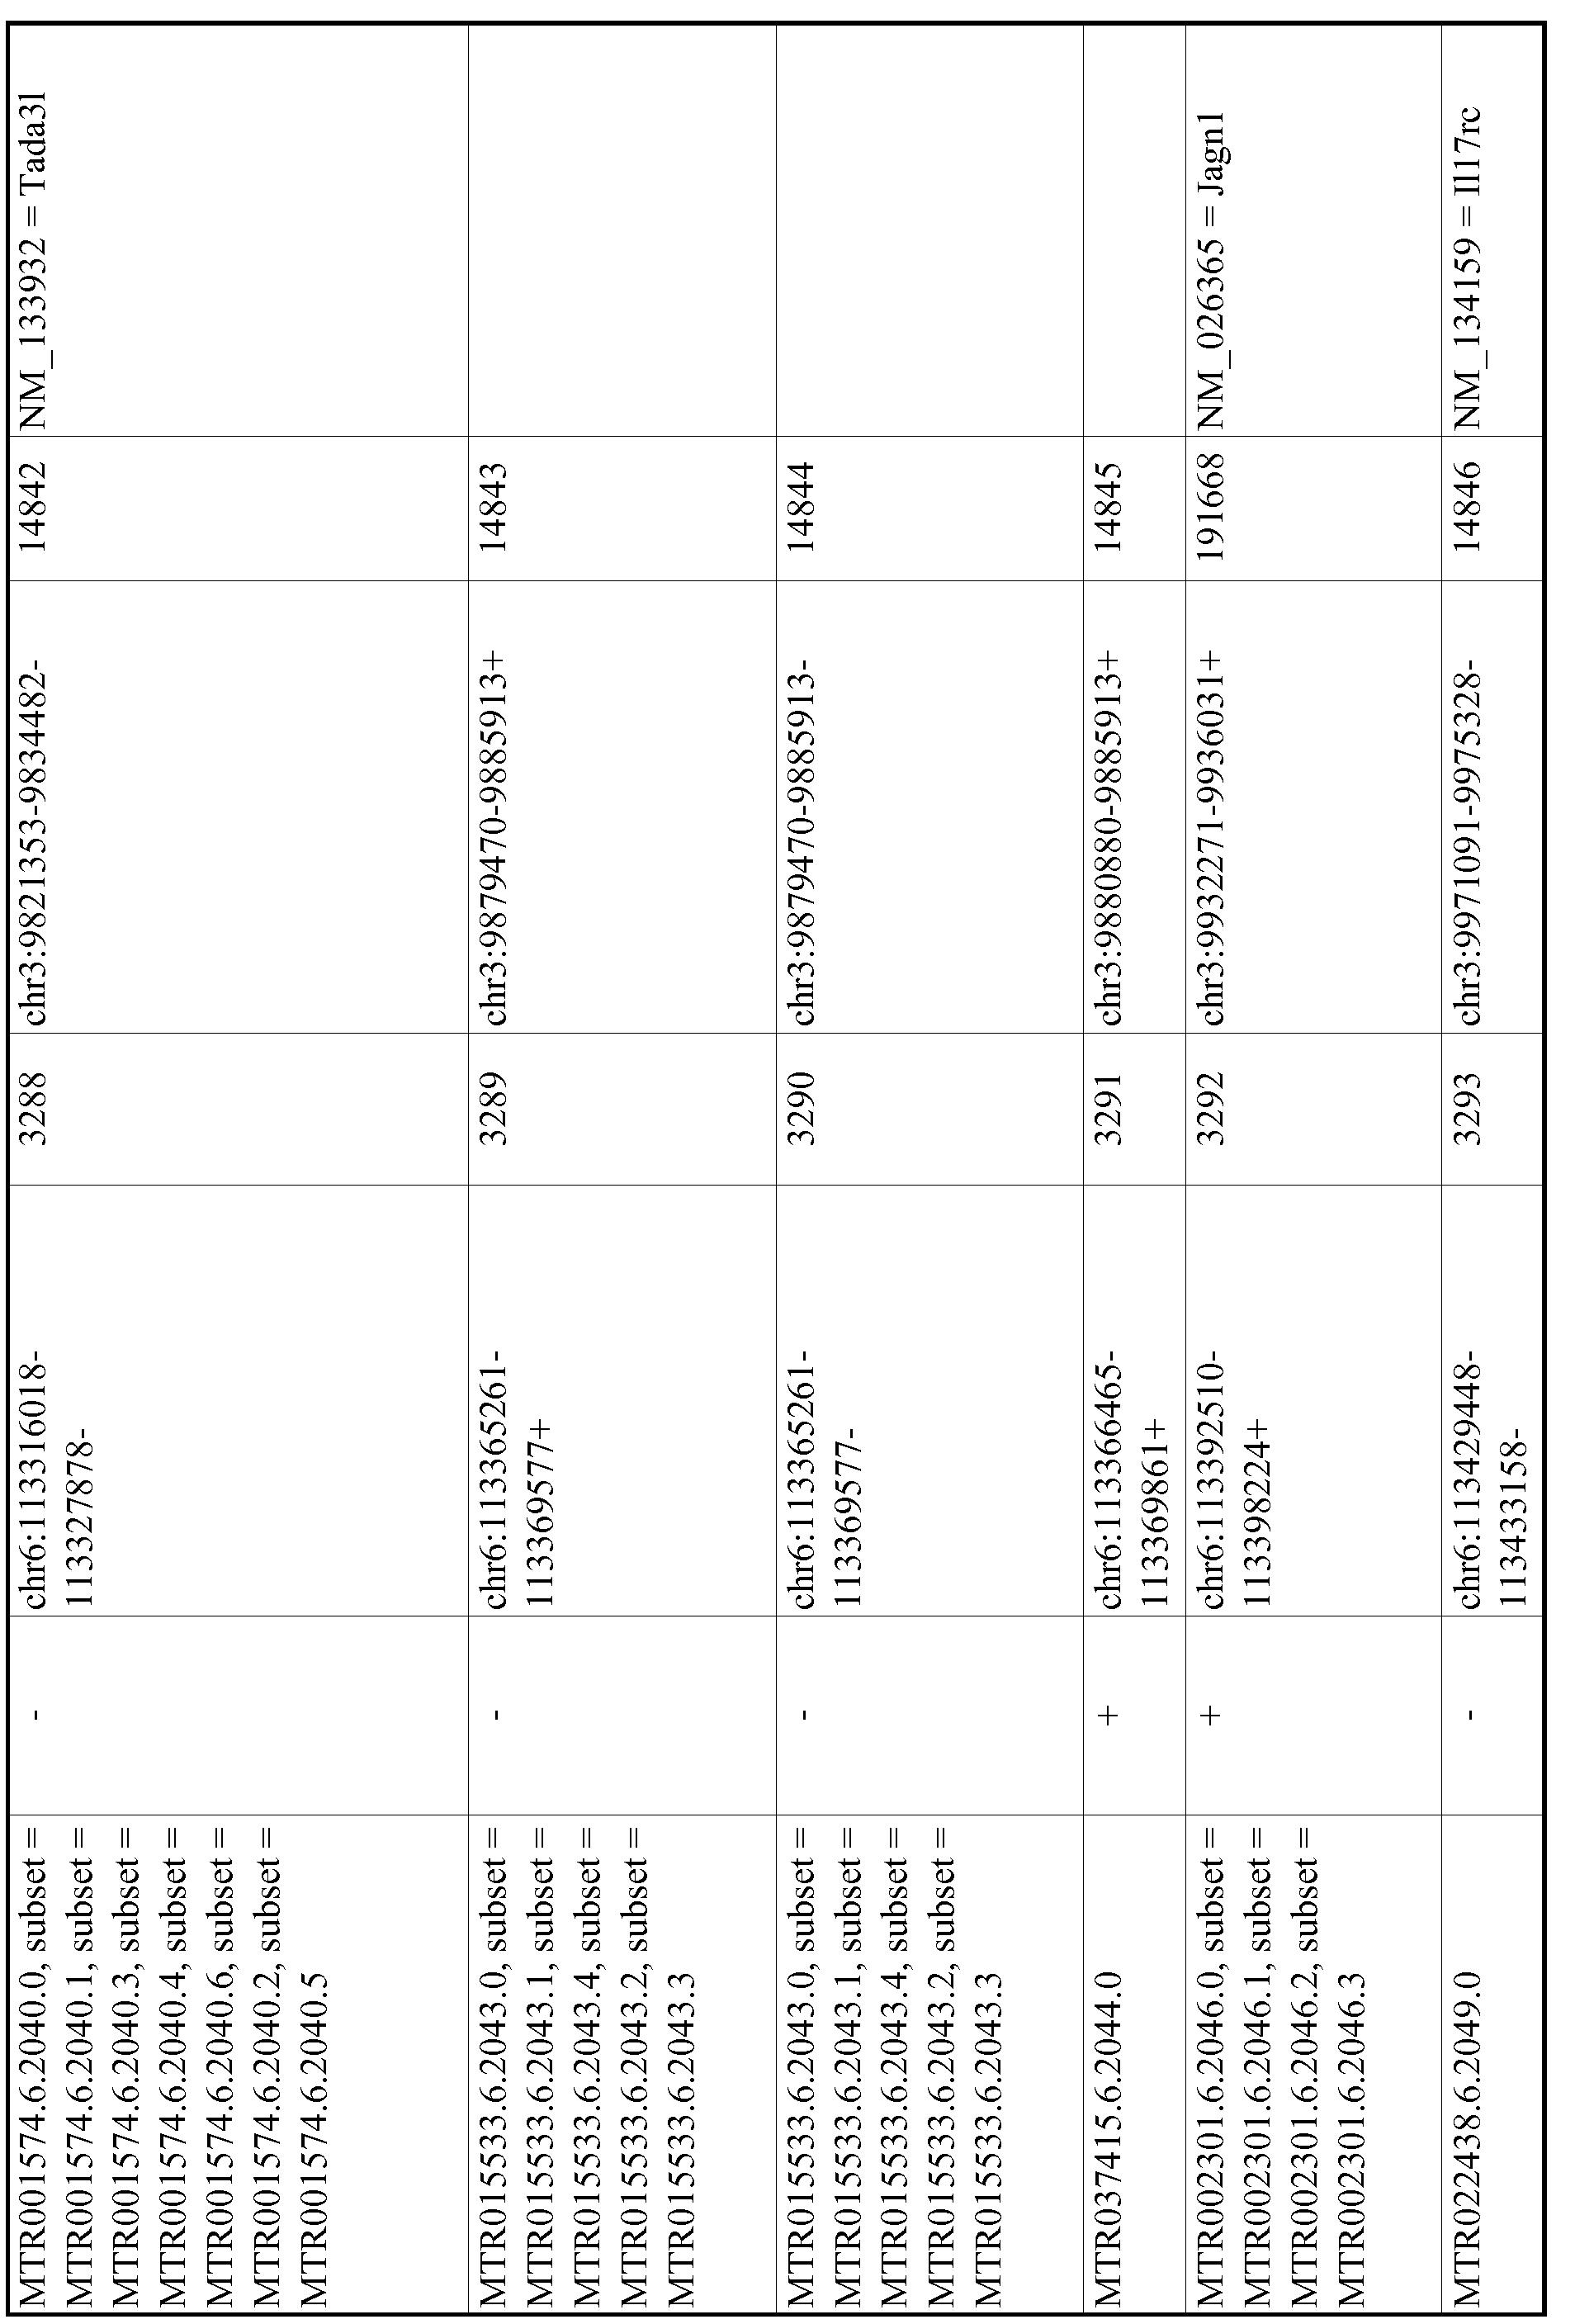 Figure imgf000651_0001